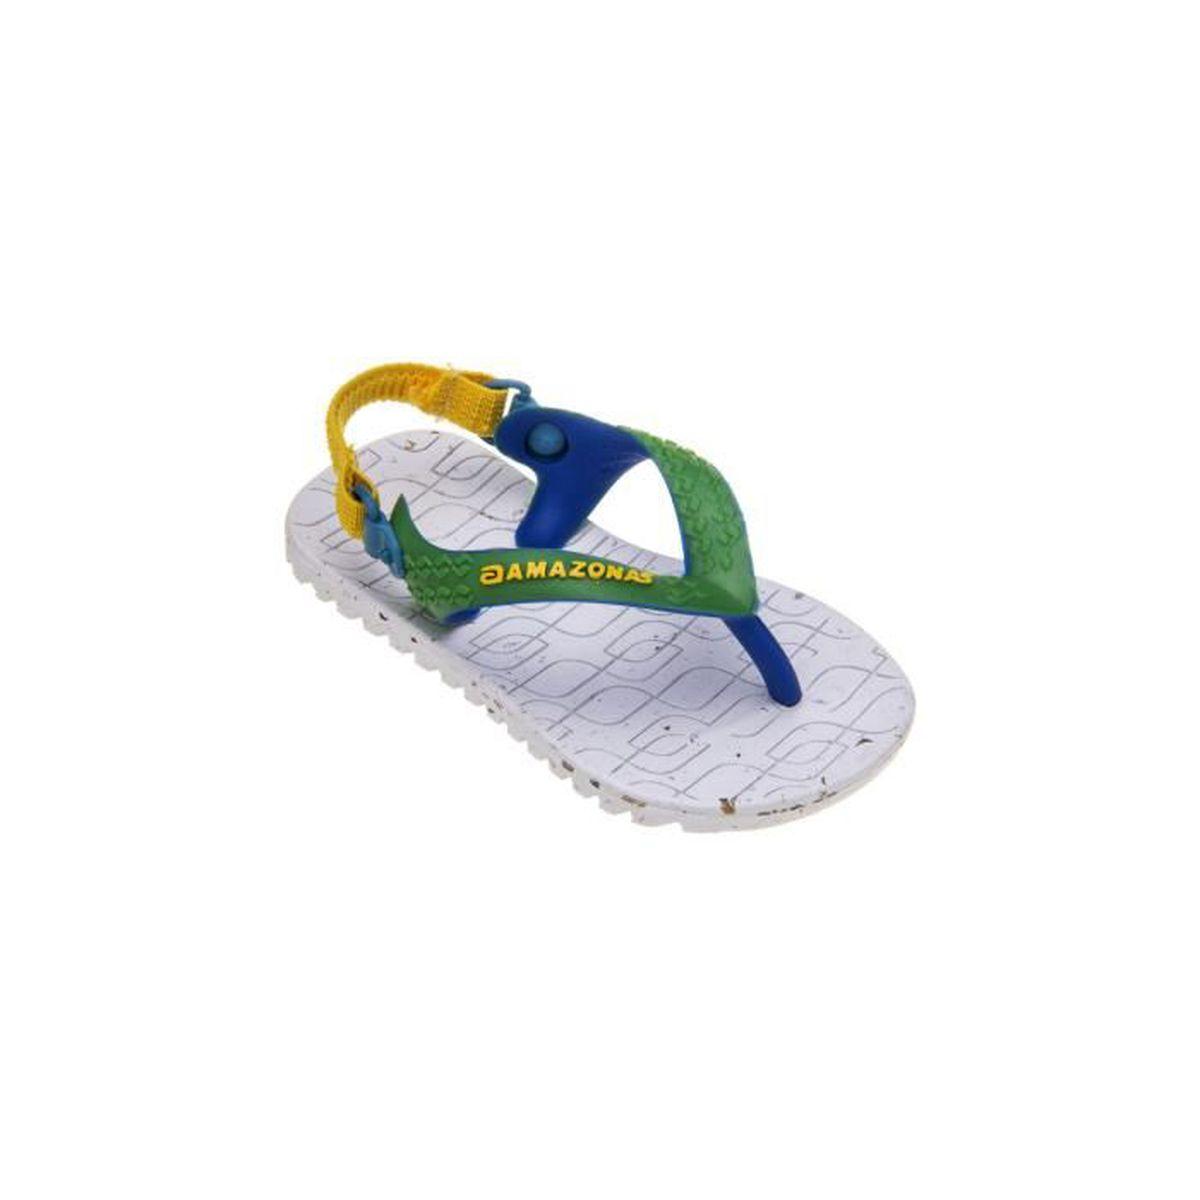 Amazonas Sandales BéBé GarçOn Amazonas Eco Baby Bleu 9m8eiT